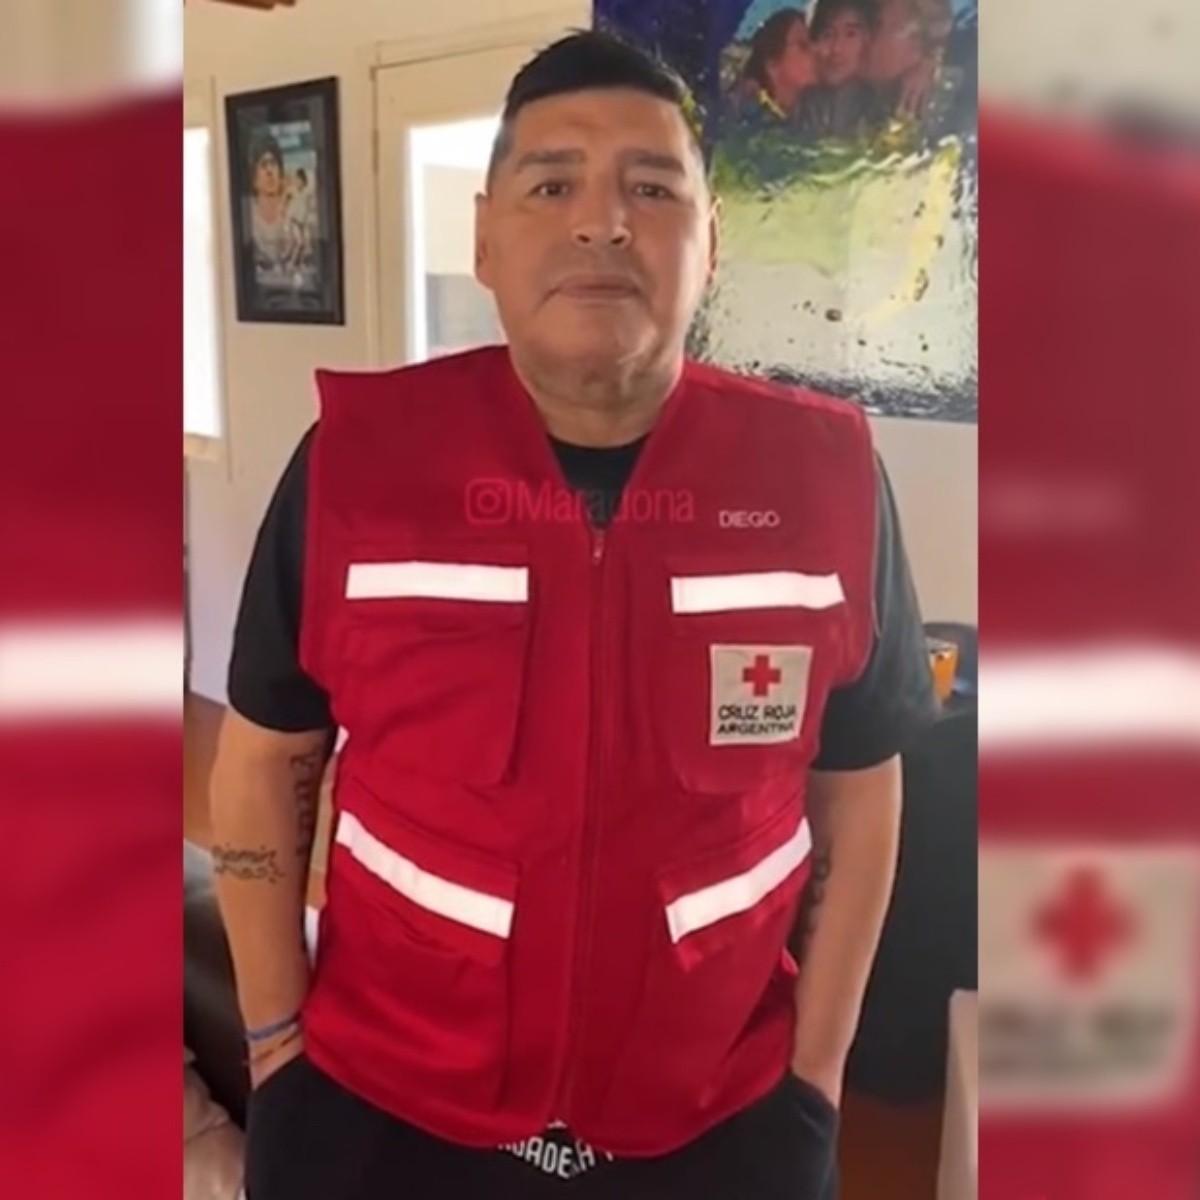 Maradona Tipping Cruz Roja